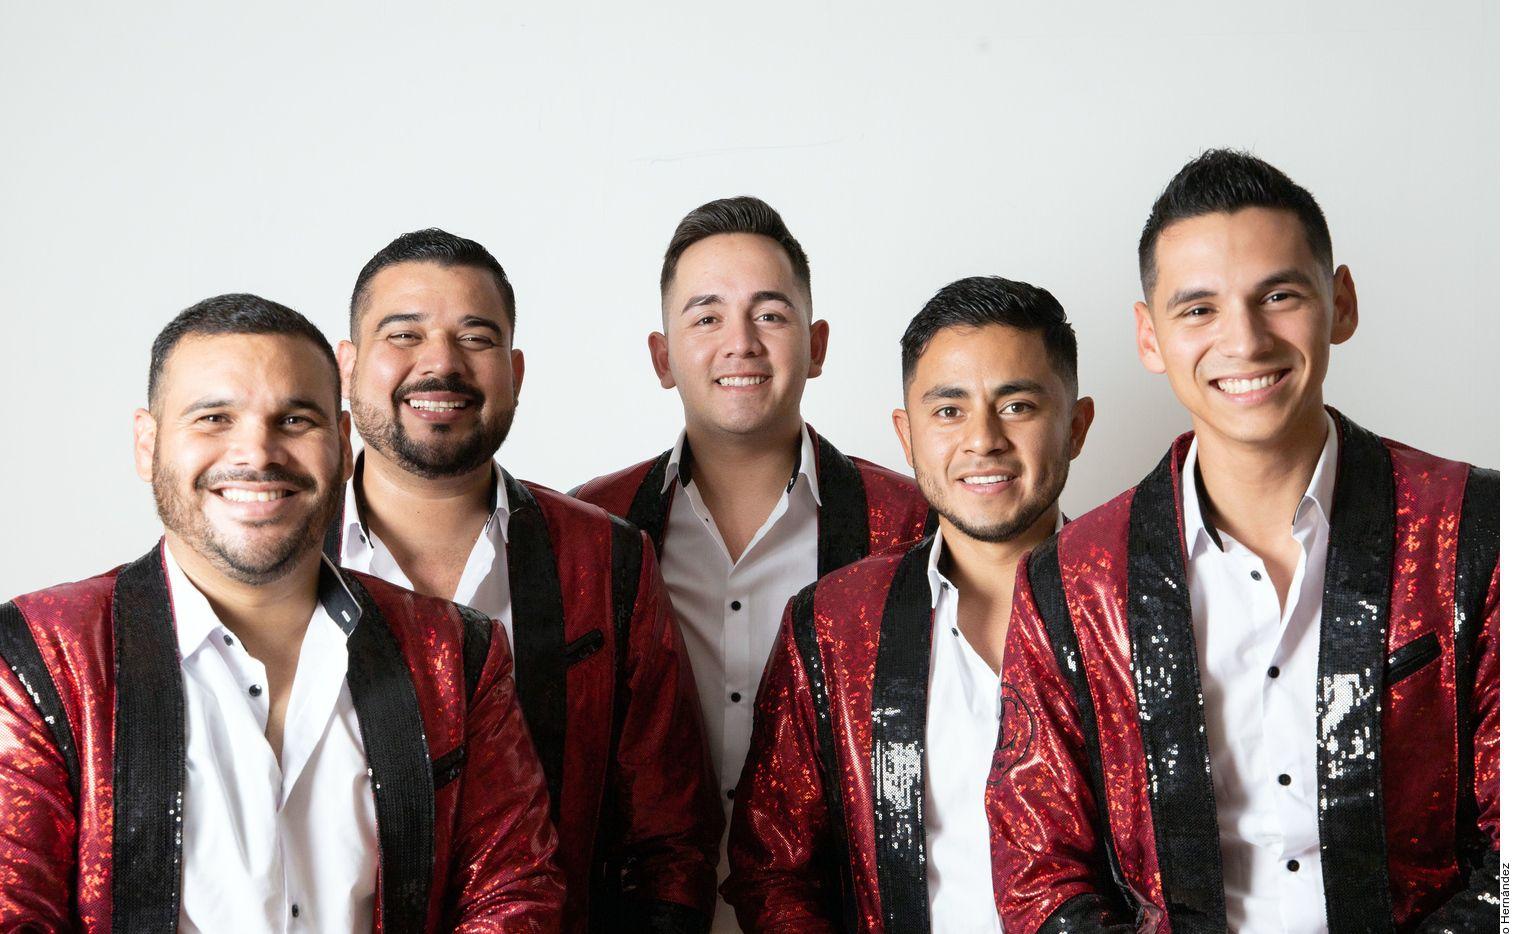 """Banda Carnaval ha grabado 10 álbumes de estudio. Algunas de sus canciones más reconocidas entre el público que gusta del género son """"Te Cambio el Domicilio"""" y """"Hombre de Trabajo""""."""